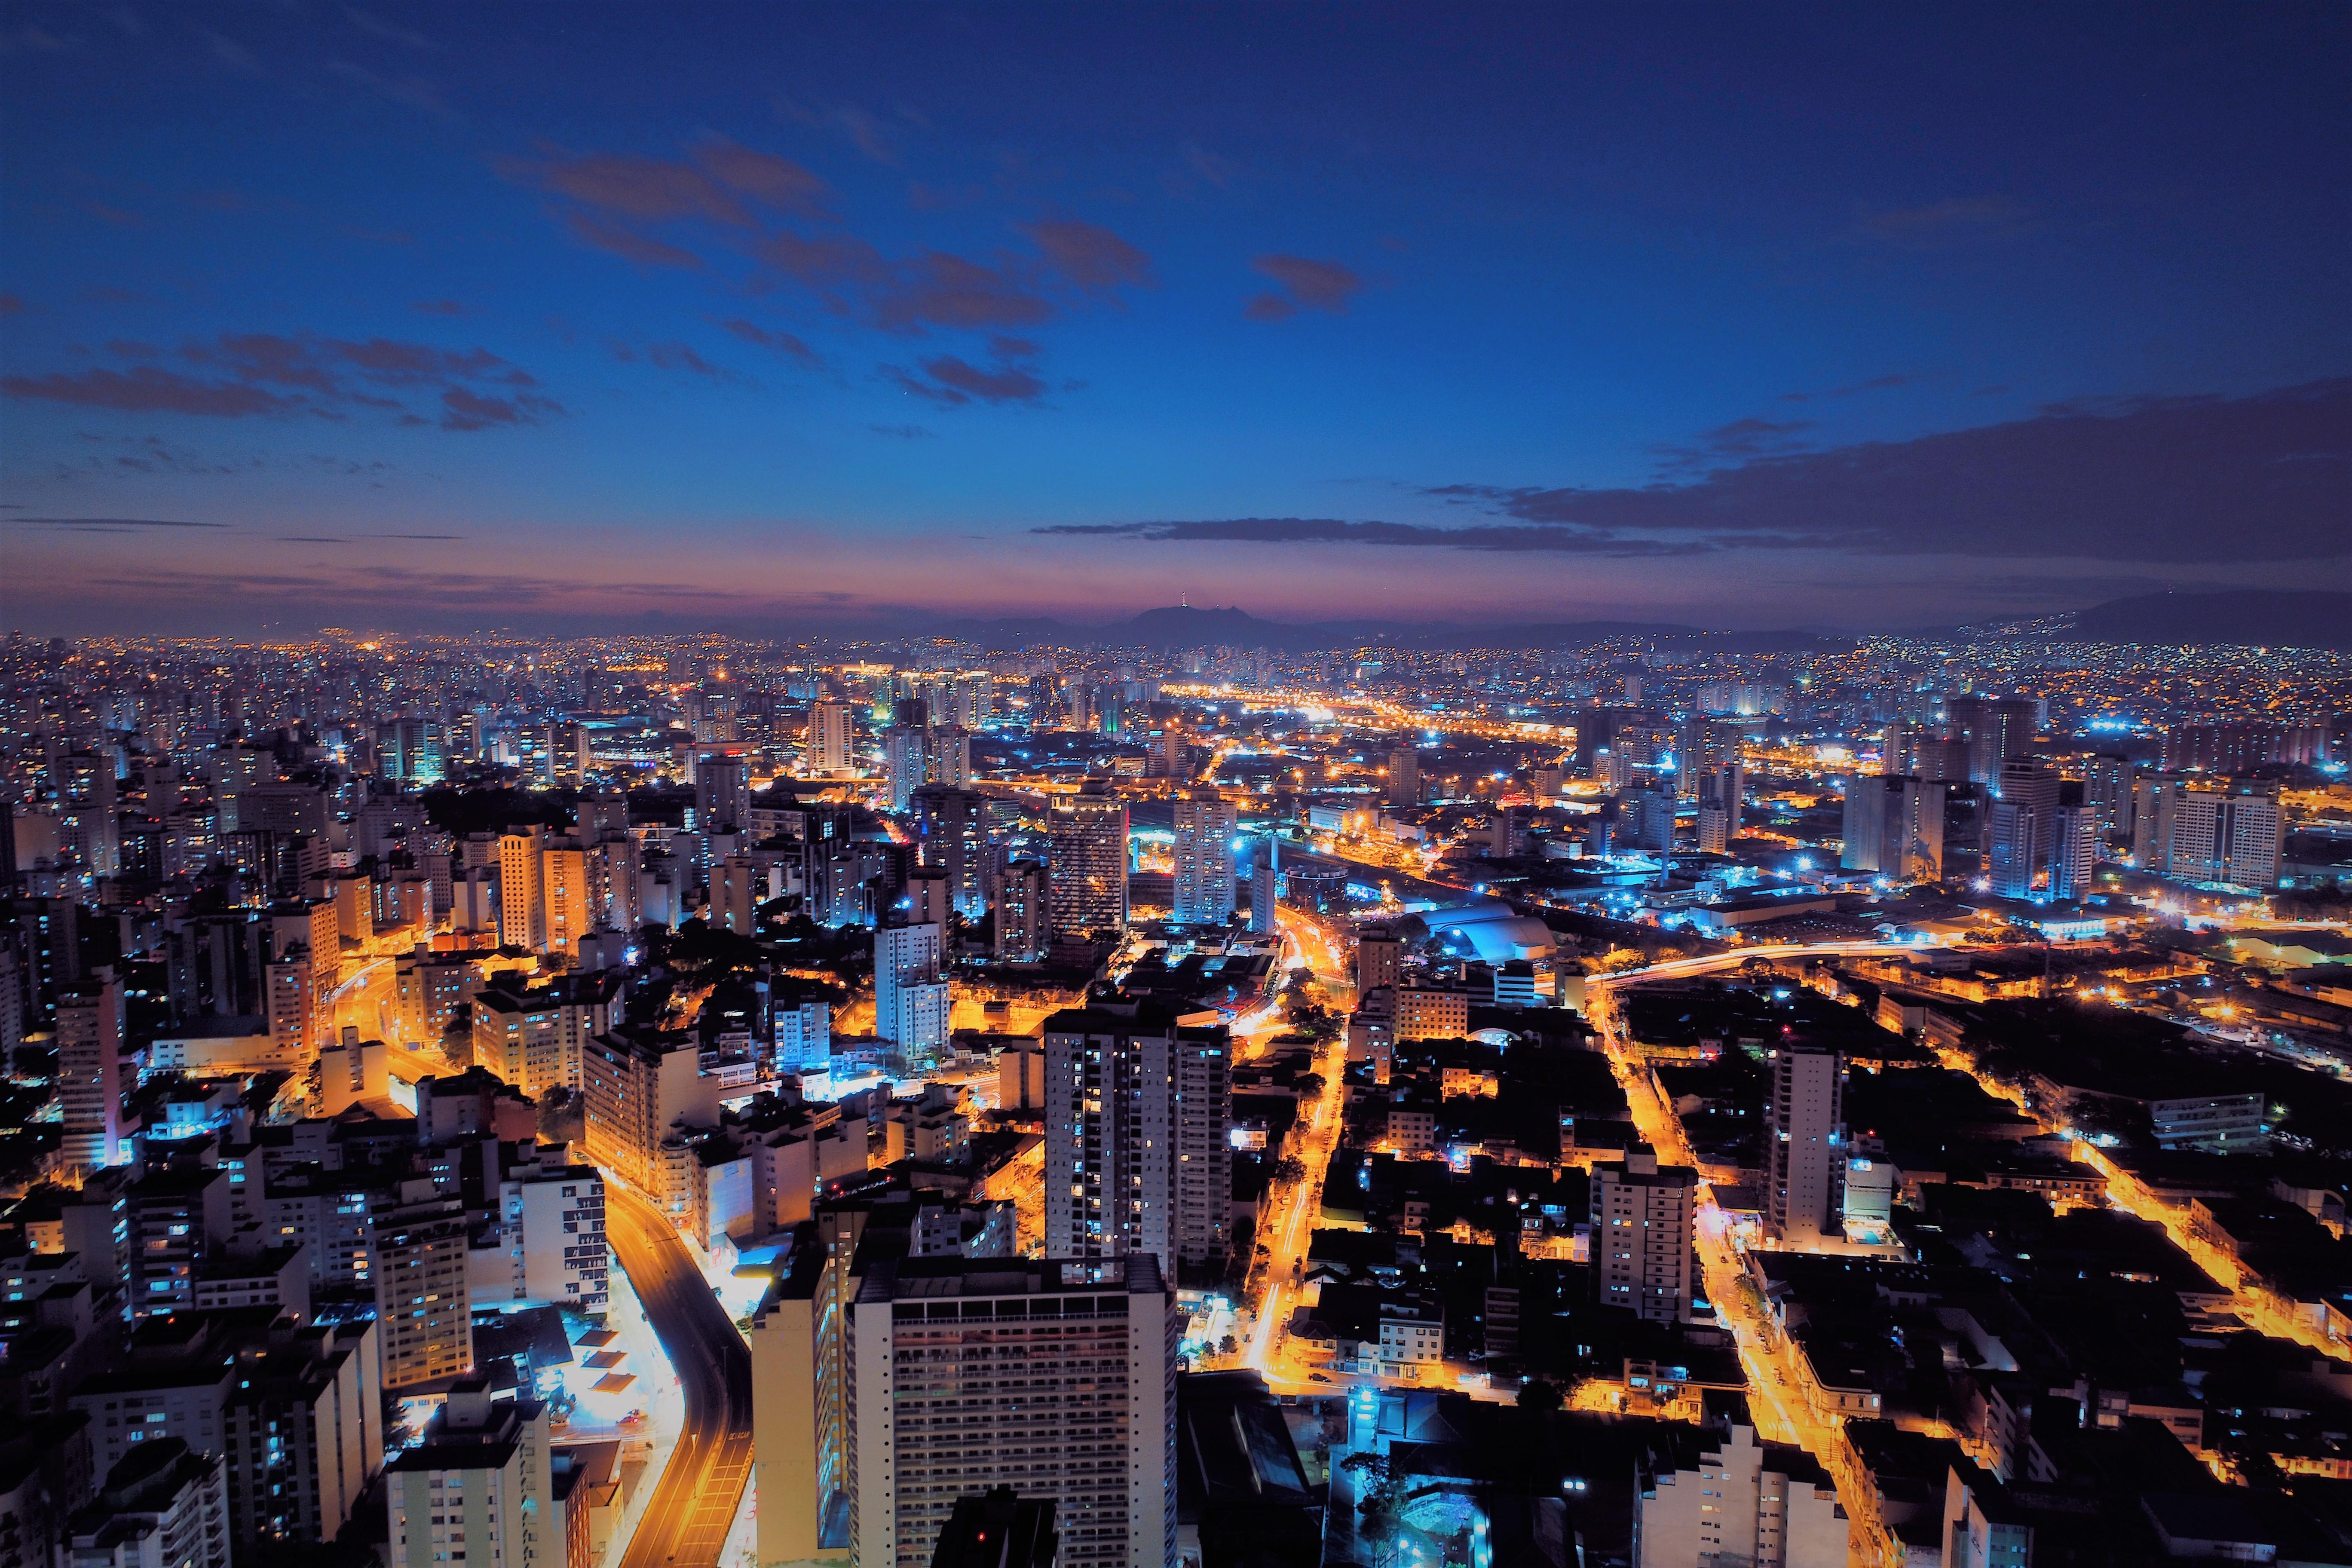 Cidade grande vista do alto durante um amanhecer com o horizonte ao fundo. As ruas estão iluminadas com luz laranja e o céu está com poucas nuvens.